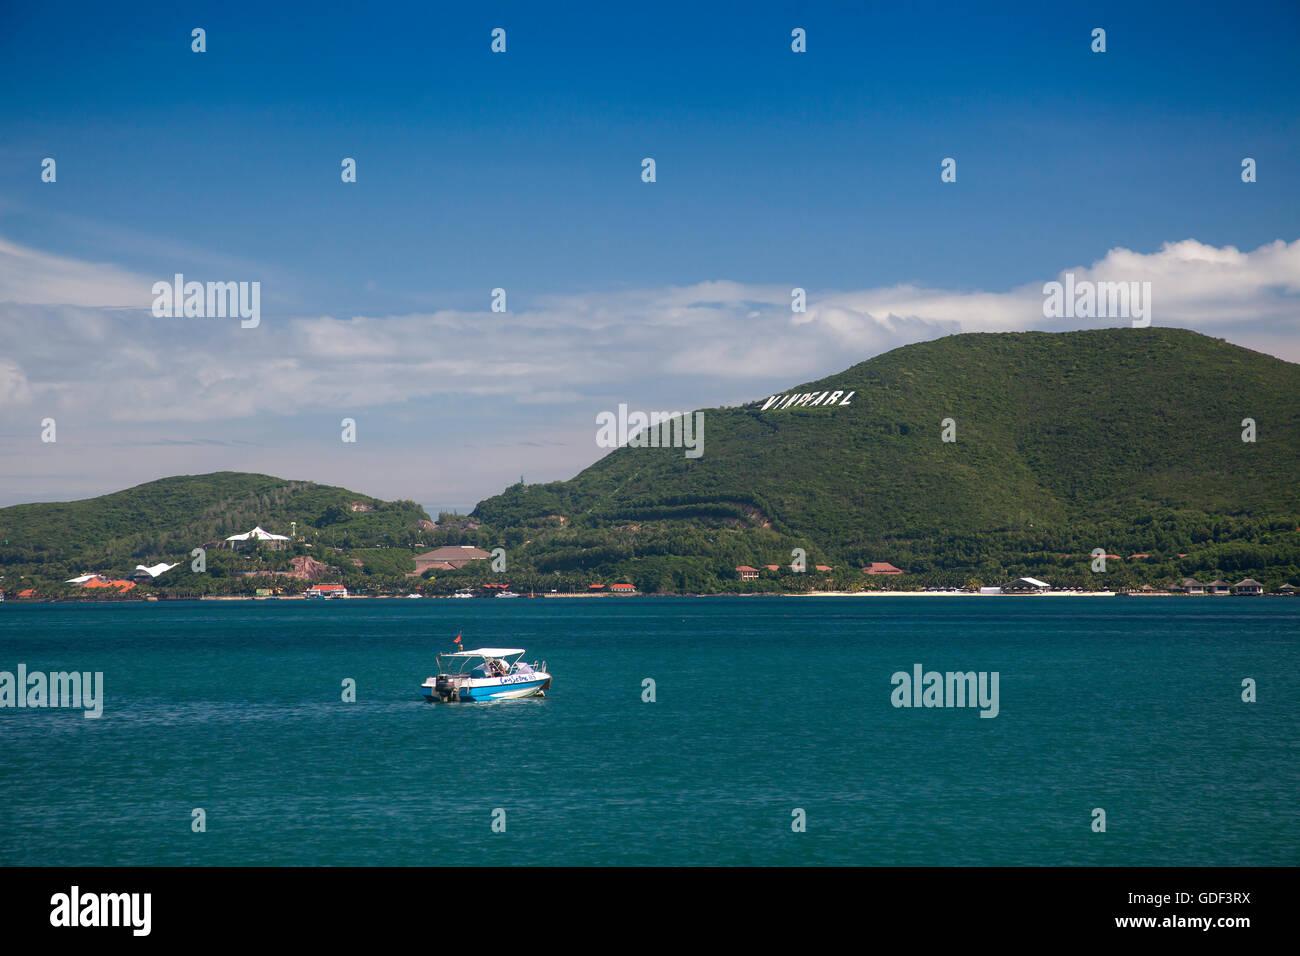 Bay of Nha Trang, Vinpearl Island, South China Sea, Nha Trang, Vietnam - Stock Image